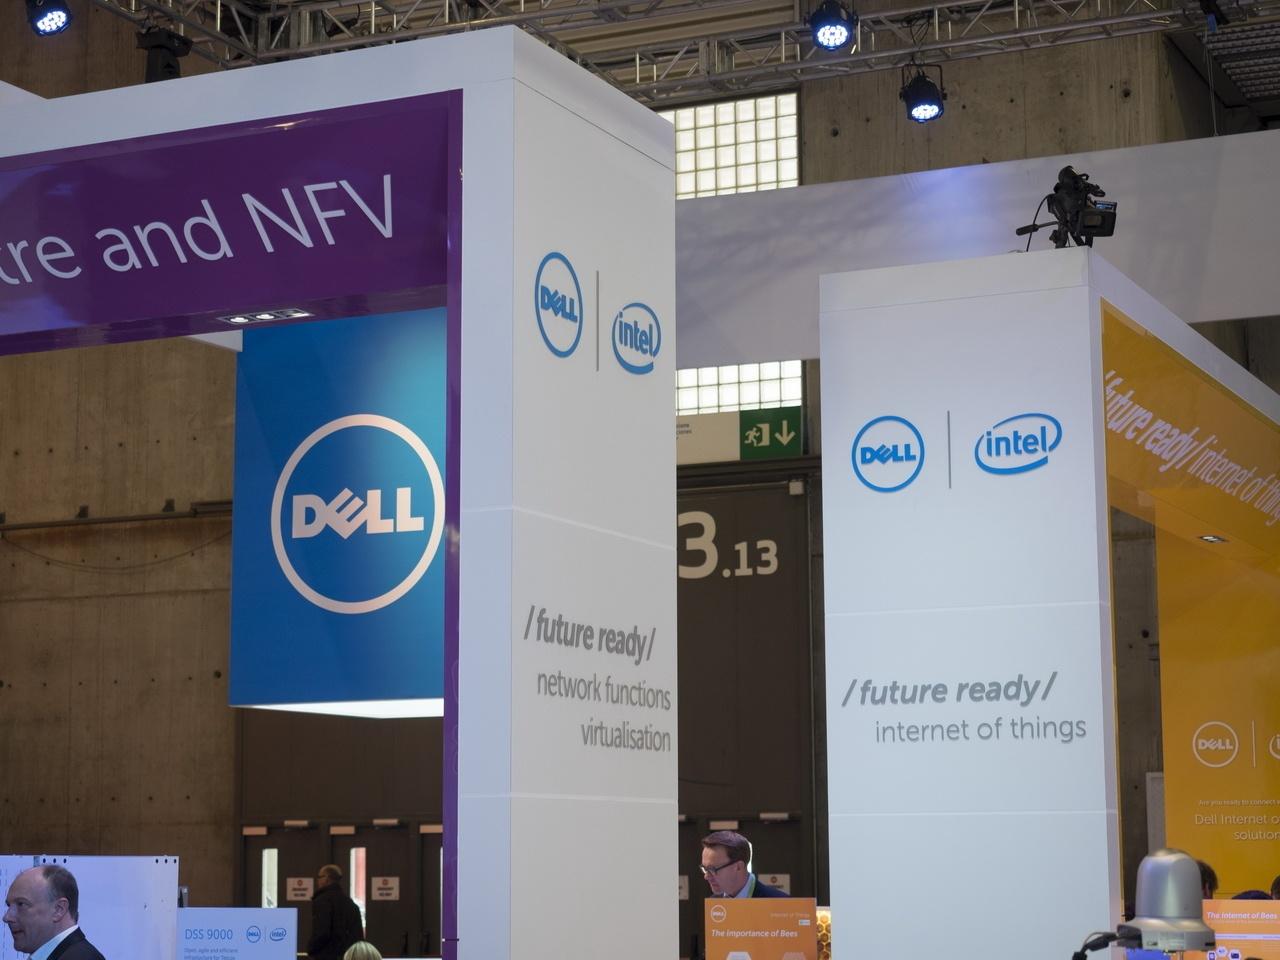 Dell на Mobile World Congress: подготовка к эпохе IoT, модульные дата-центры, OEM-решения и защищенный планшет - 2